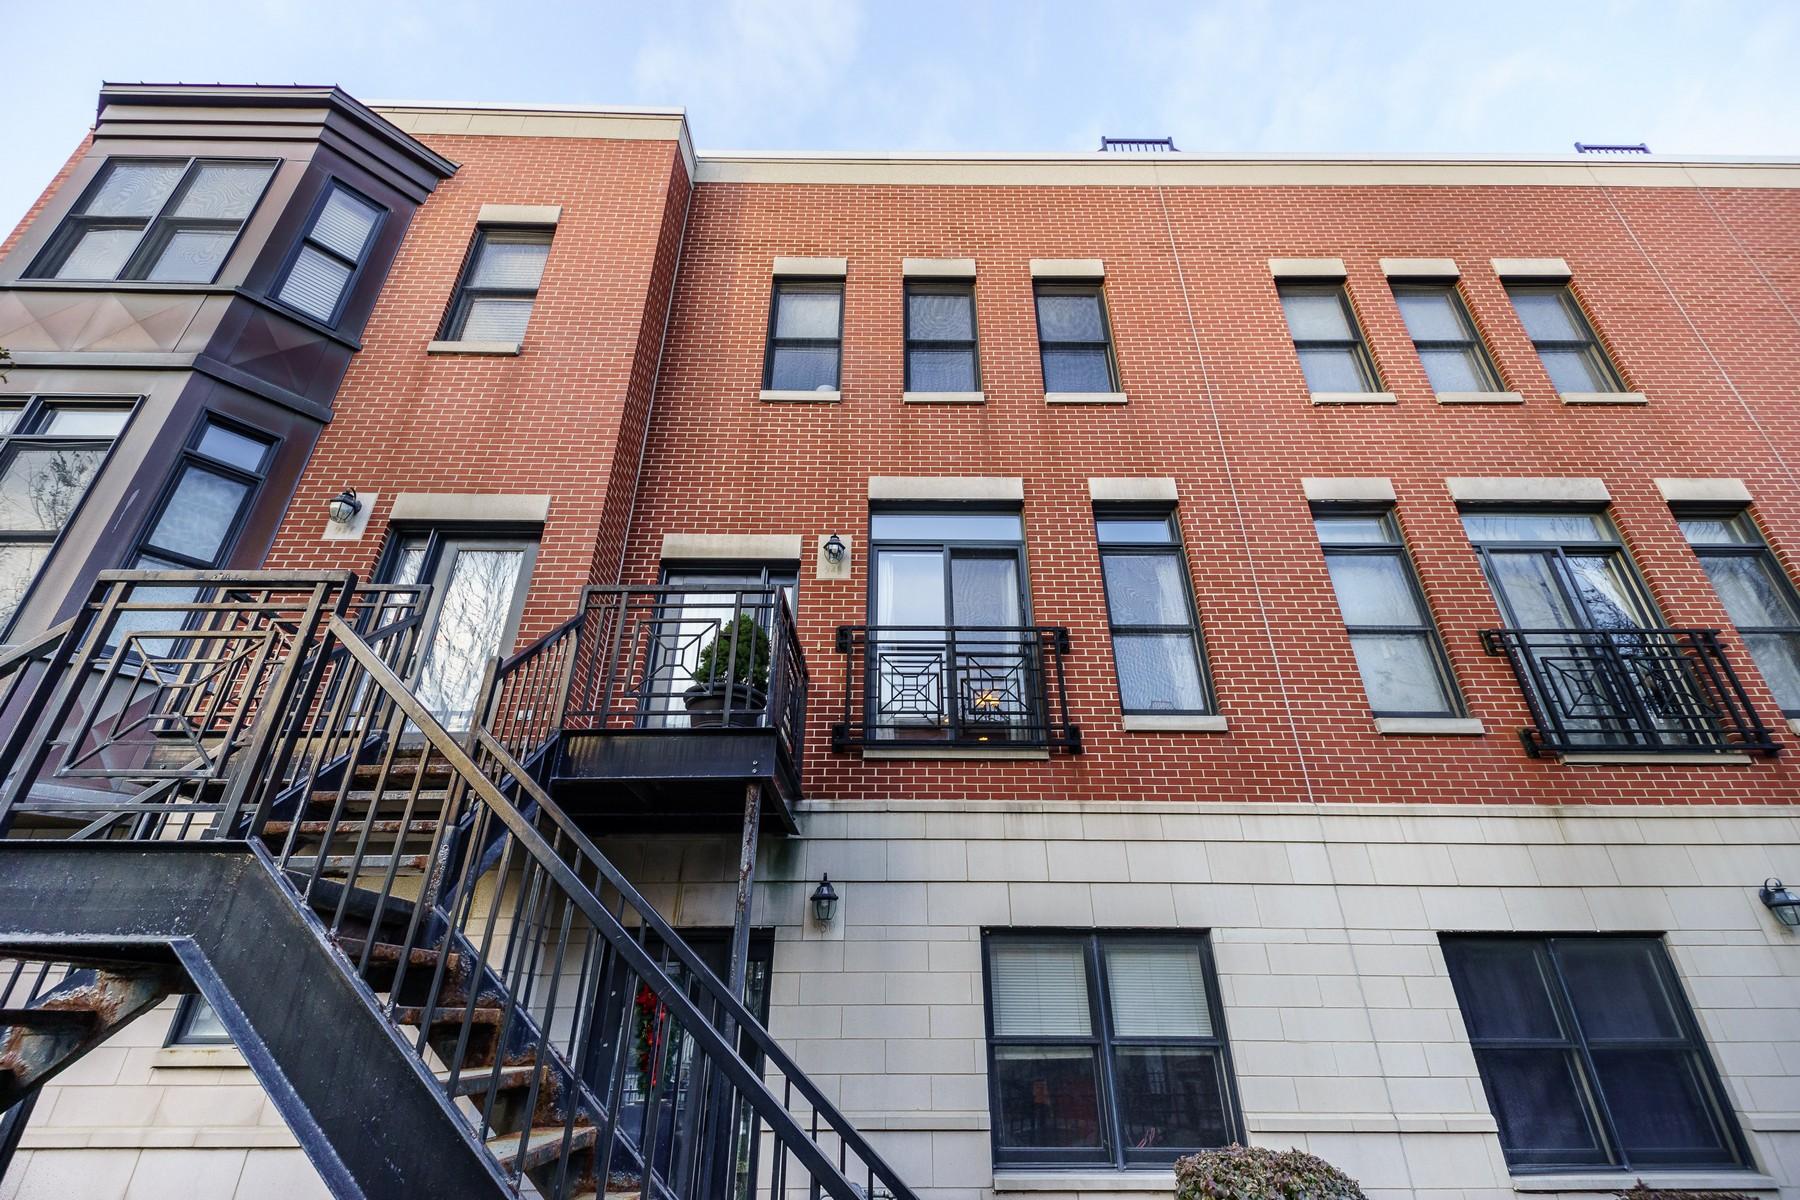 タウンハウス のために 売買 アット Beautifully Maintained University Village Townhome 948 W College Parkway Near West Side, Chicago, イリノイ, 60608 アメリカ合衆国